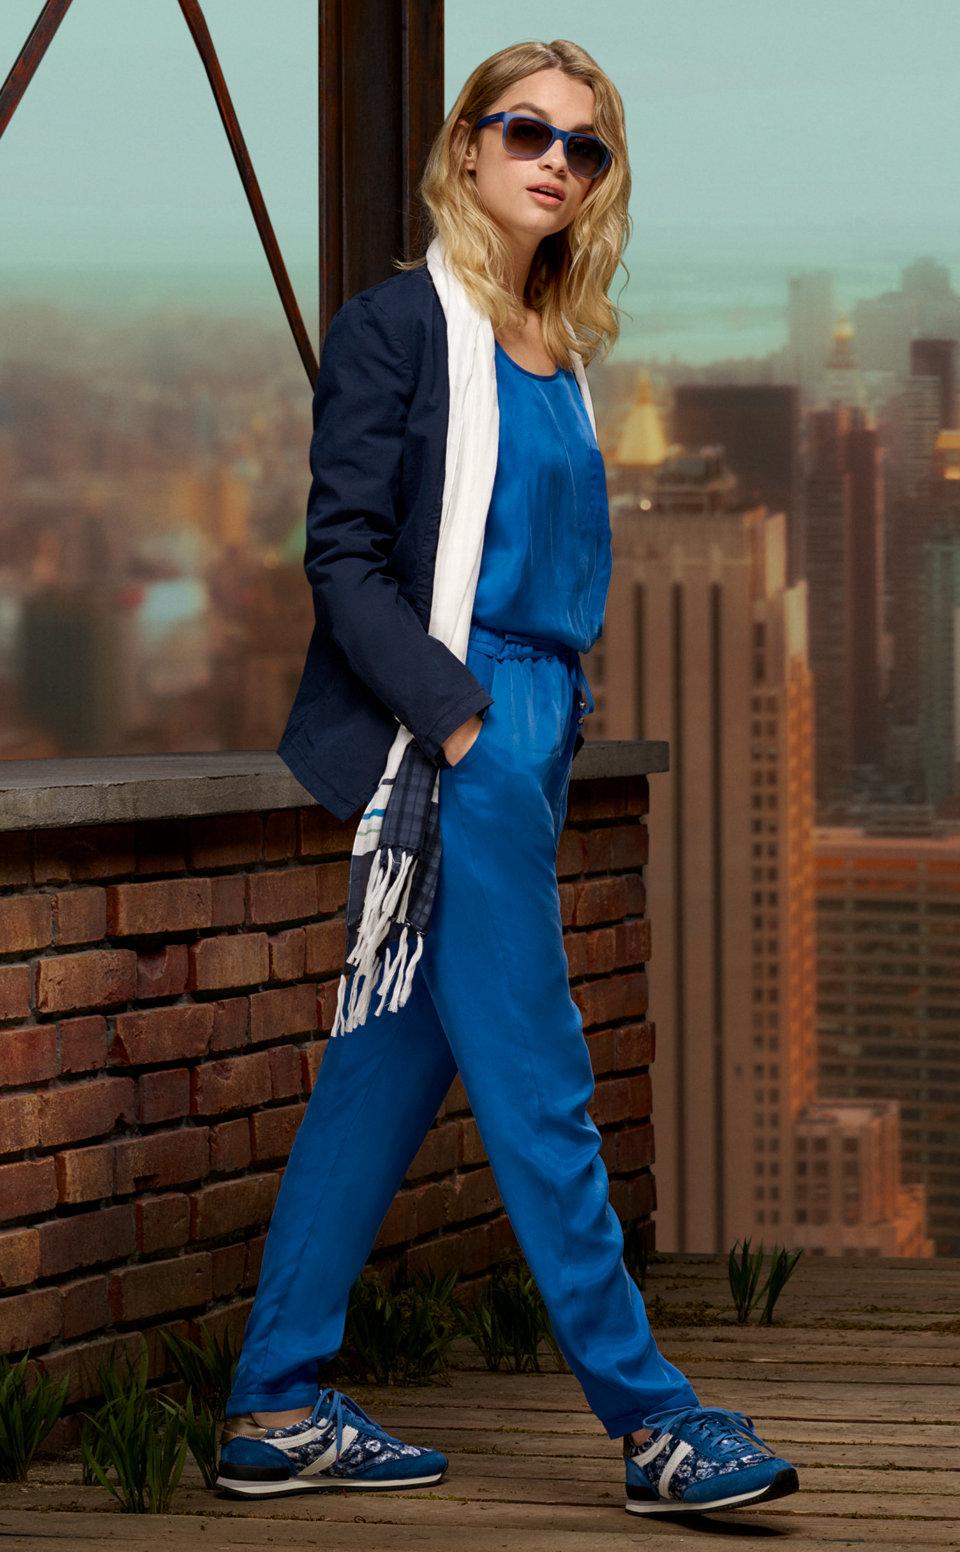 Blauer Blazer, blaues Top und blaue Hose vonBOSSOrange